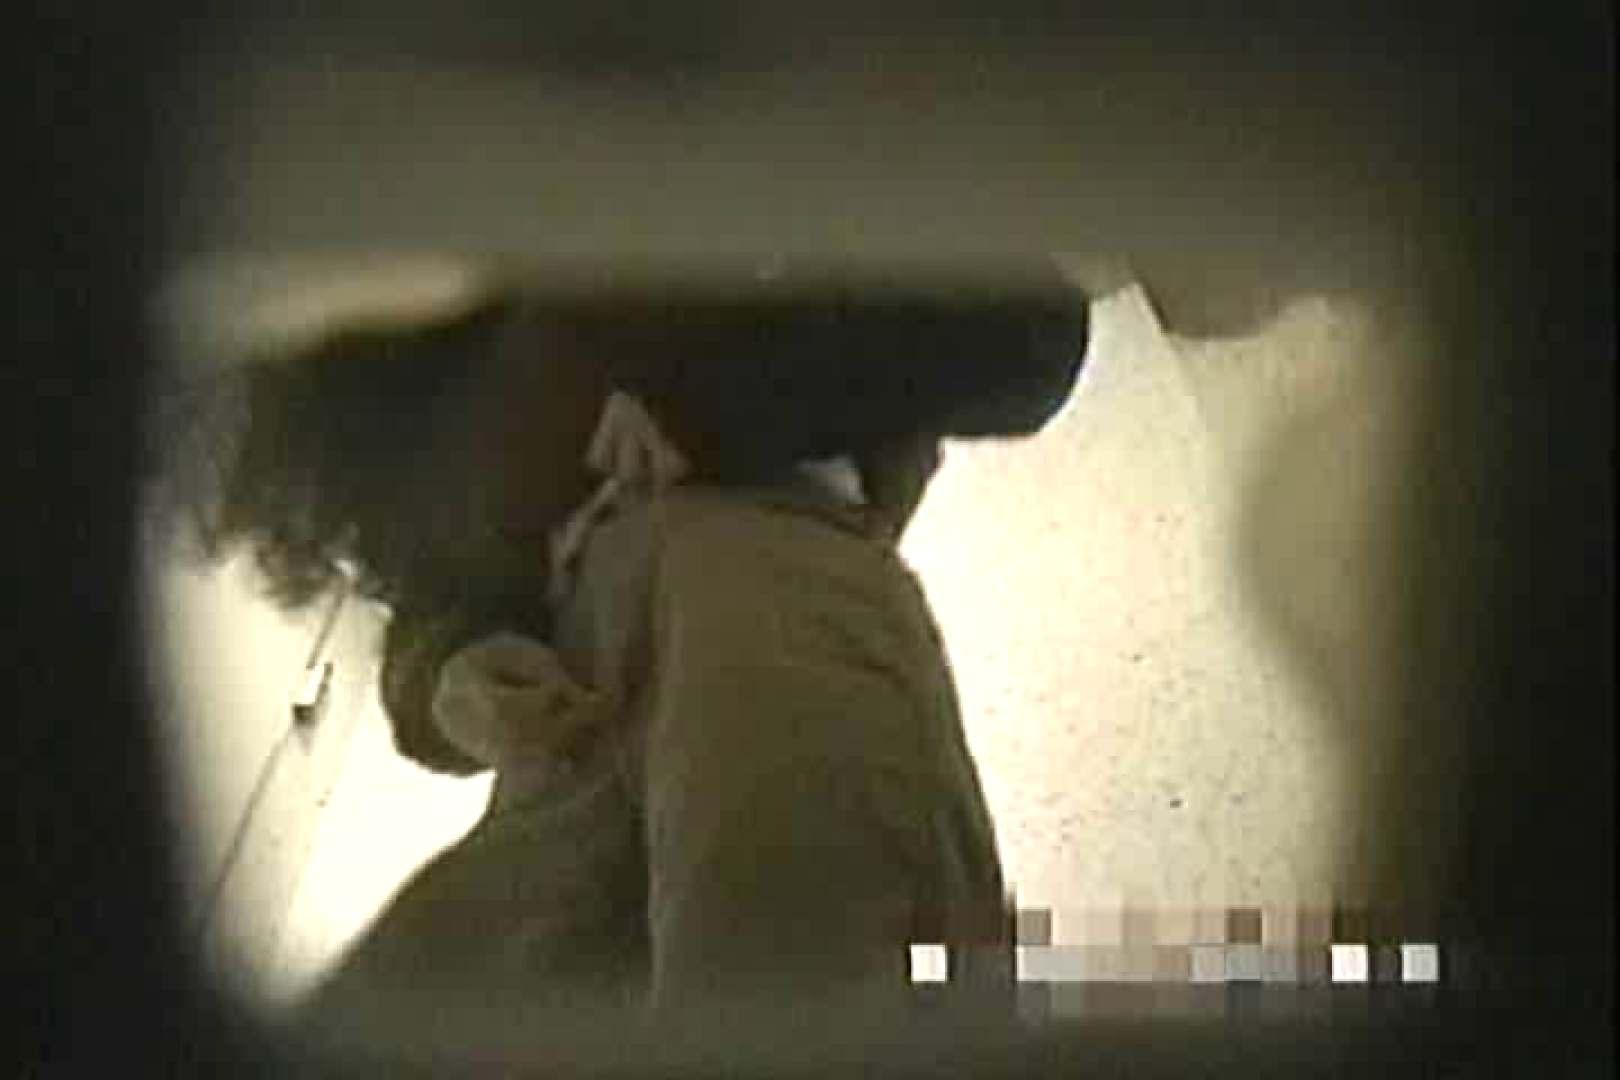 女子洗面所盗撮 今度の2カメは若い子だらけ  TK-127 マルチアングル  91画像 55